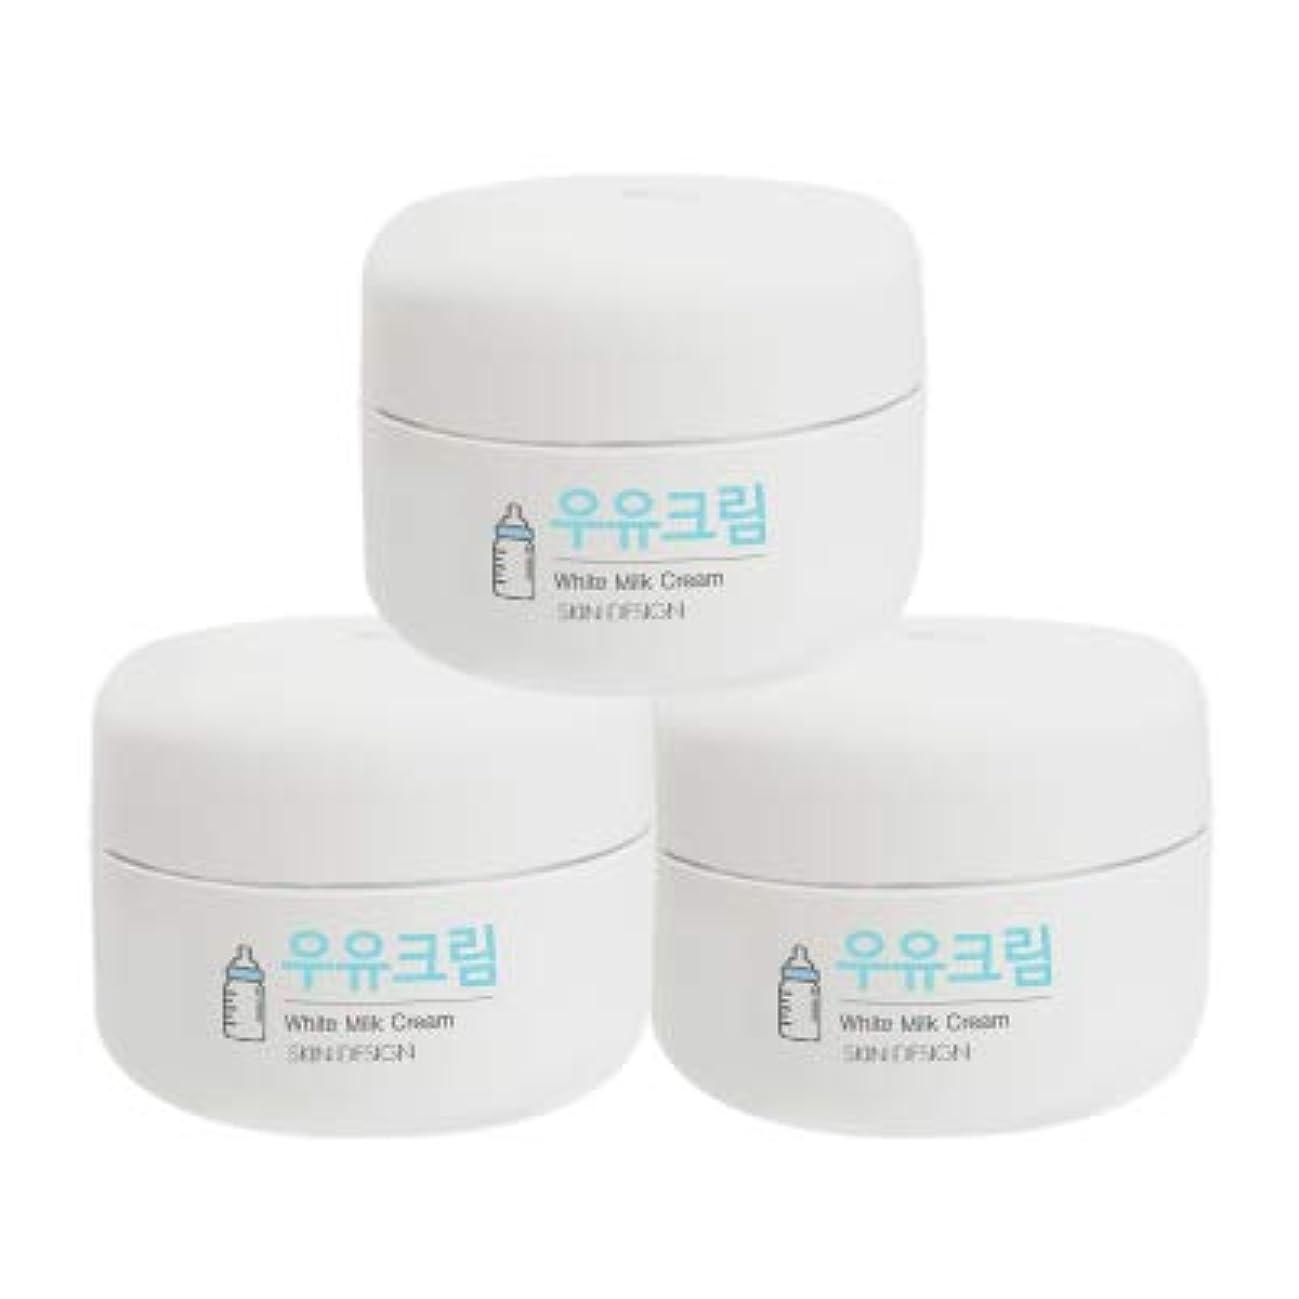 協定葬儀襟【3個】【SKIN DESIGN】 スキンデザイン 牛乳クリーム 3個セット WHITE MILK CREAM 韓国 ウユクリーム